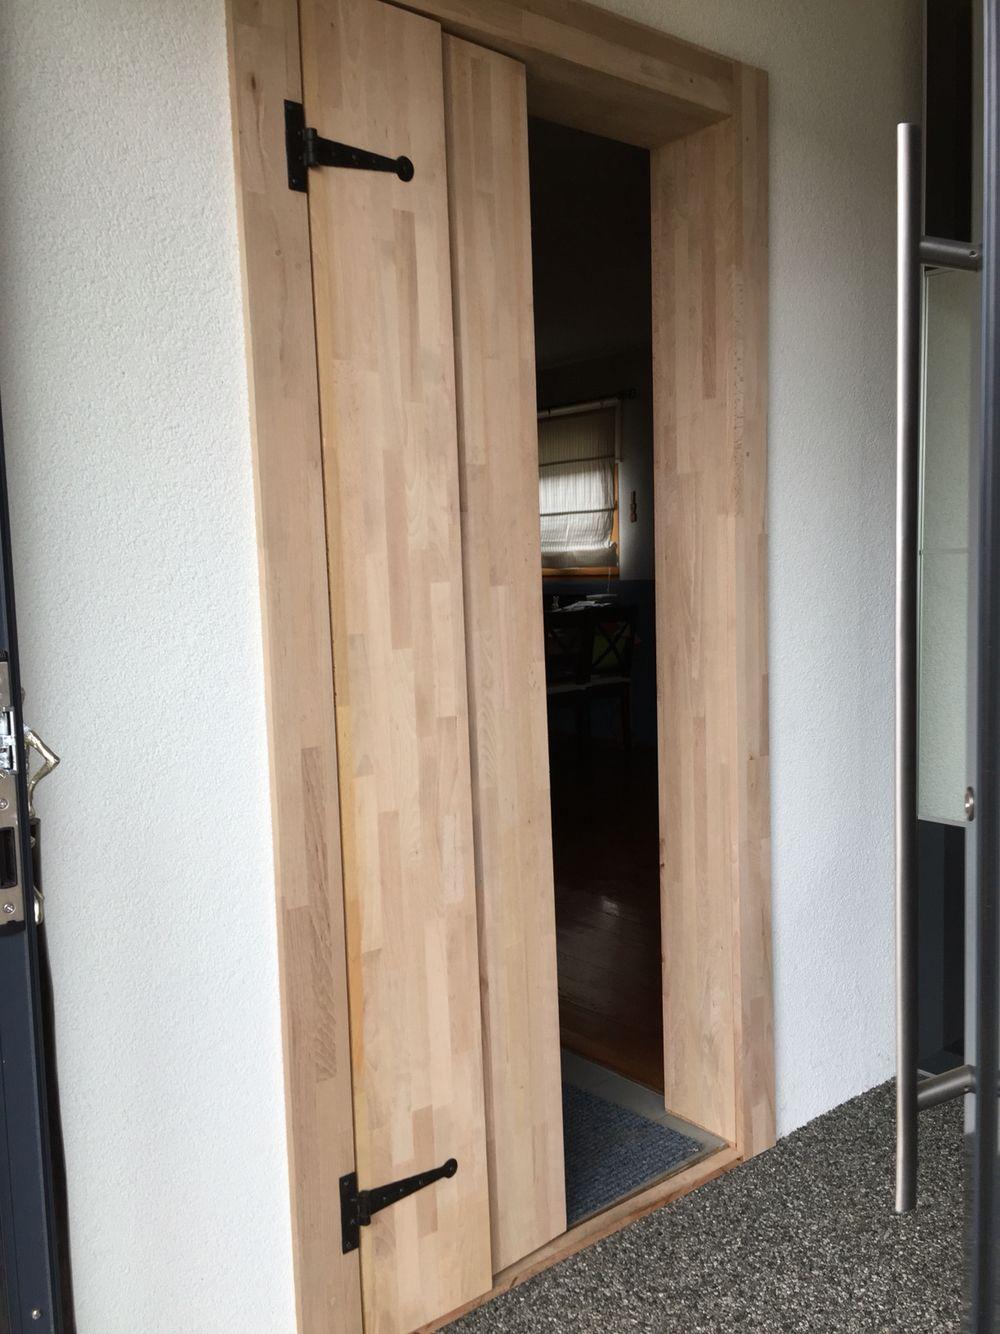 Sichtschutz Buche Leimholz Mit Schmiedescharnier Leimholz Holz Sichtschutz